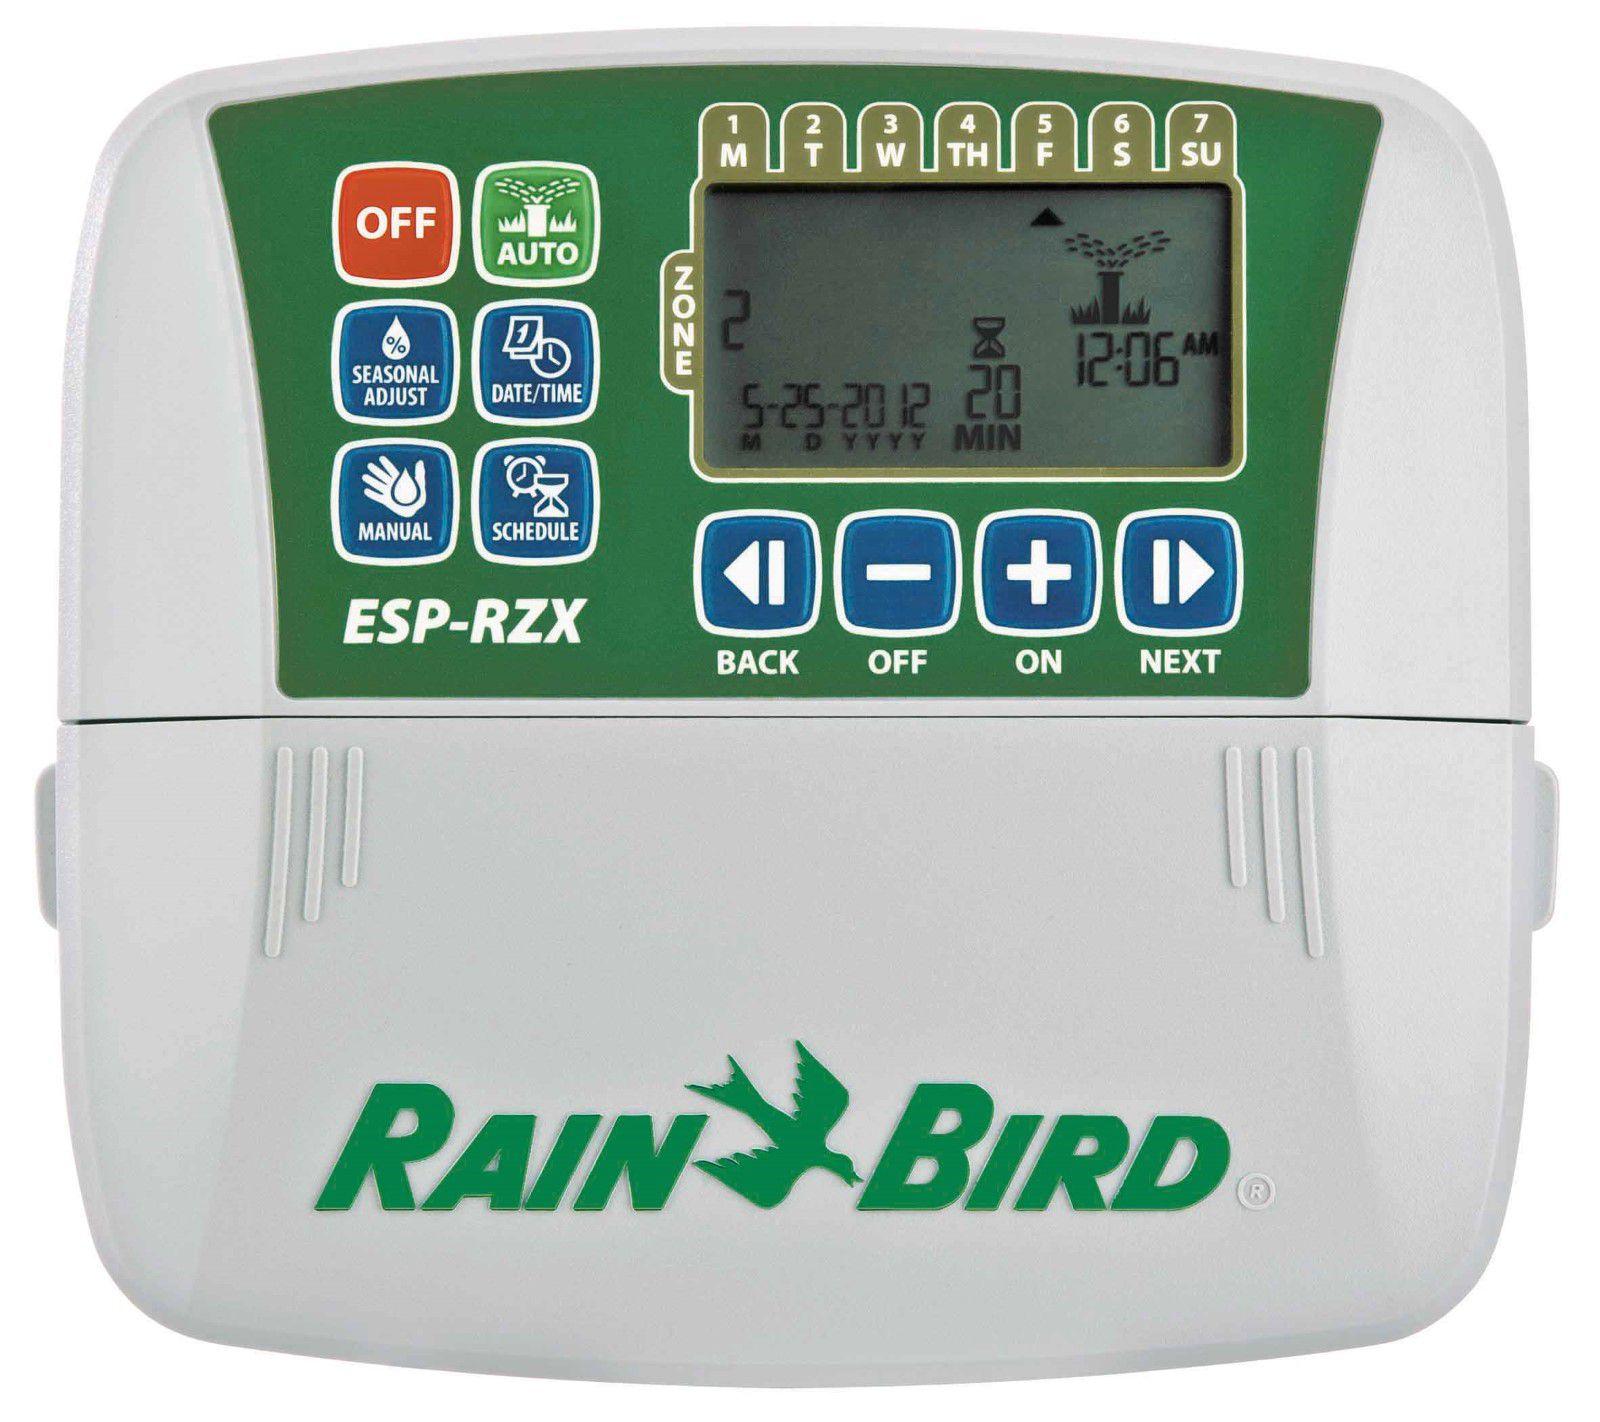 Rain Bird RZXe Steuergerät WLAN-fähig Innenmontage